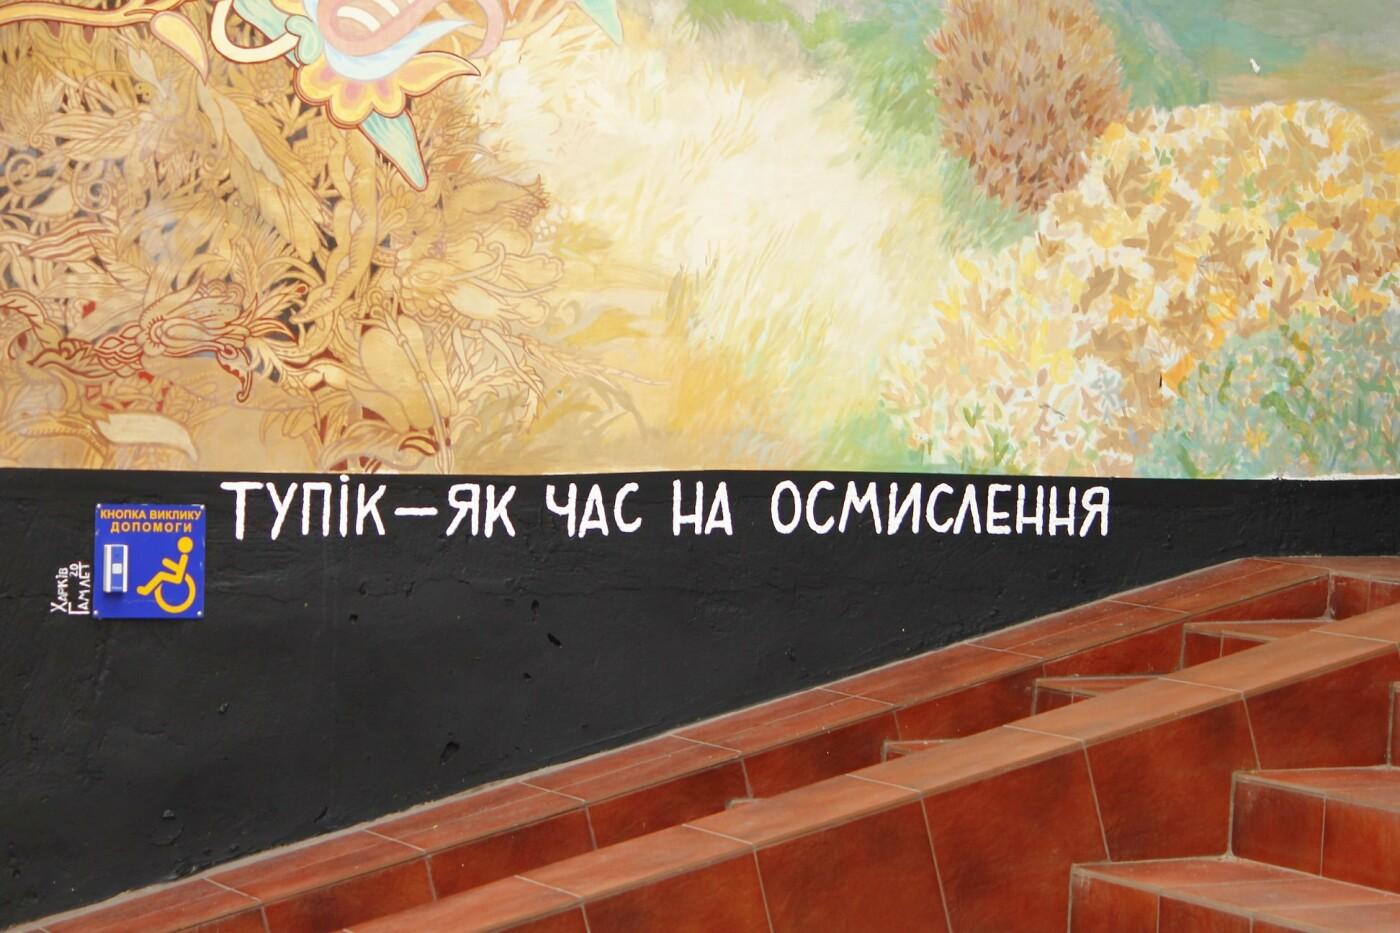 Подборка работ Гамлета Зиньковского в Бердянске, фото-3